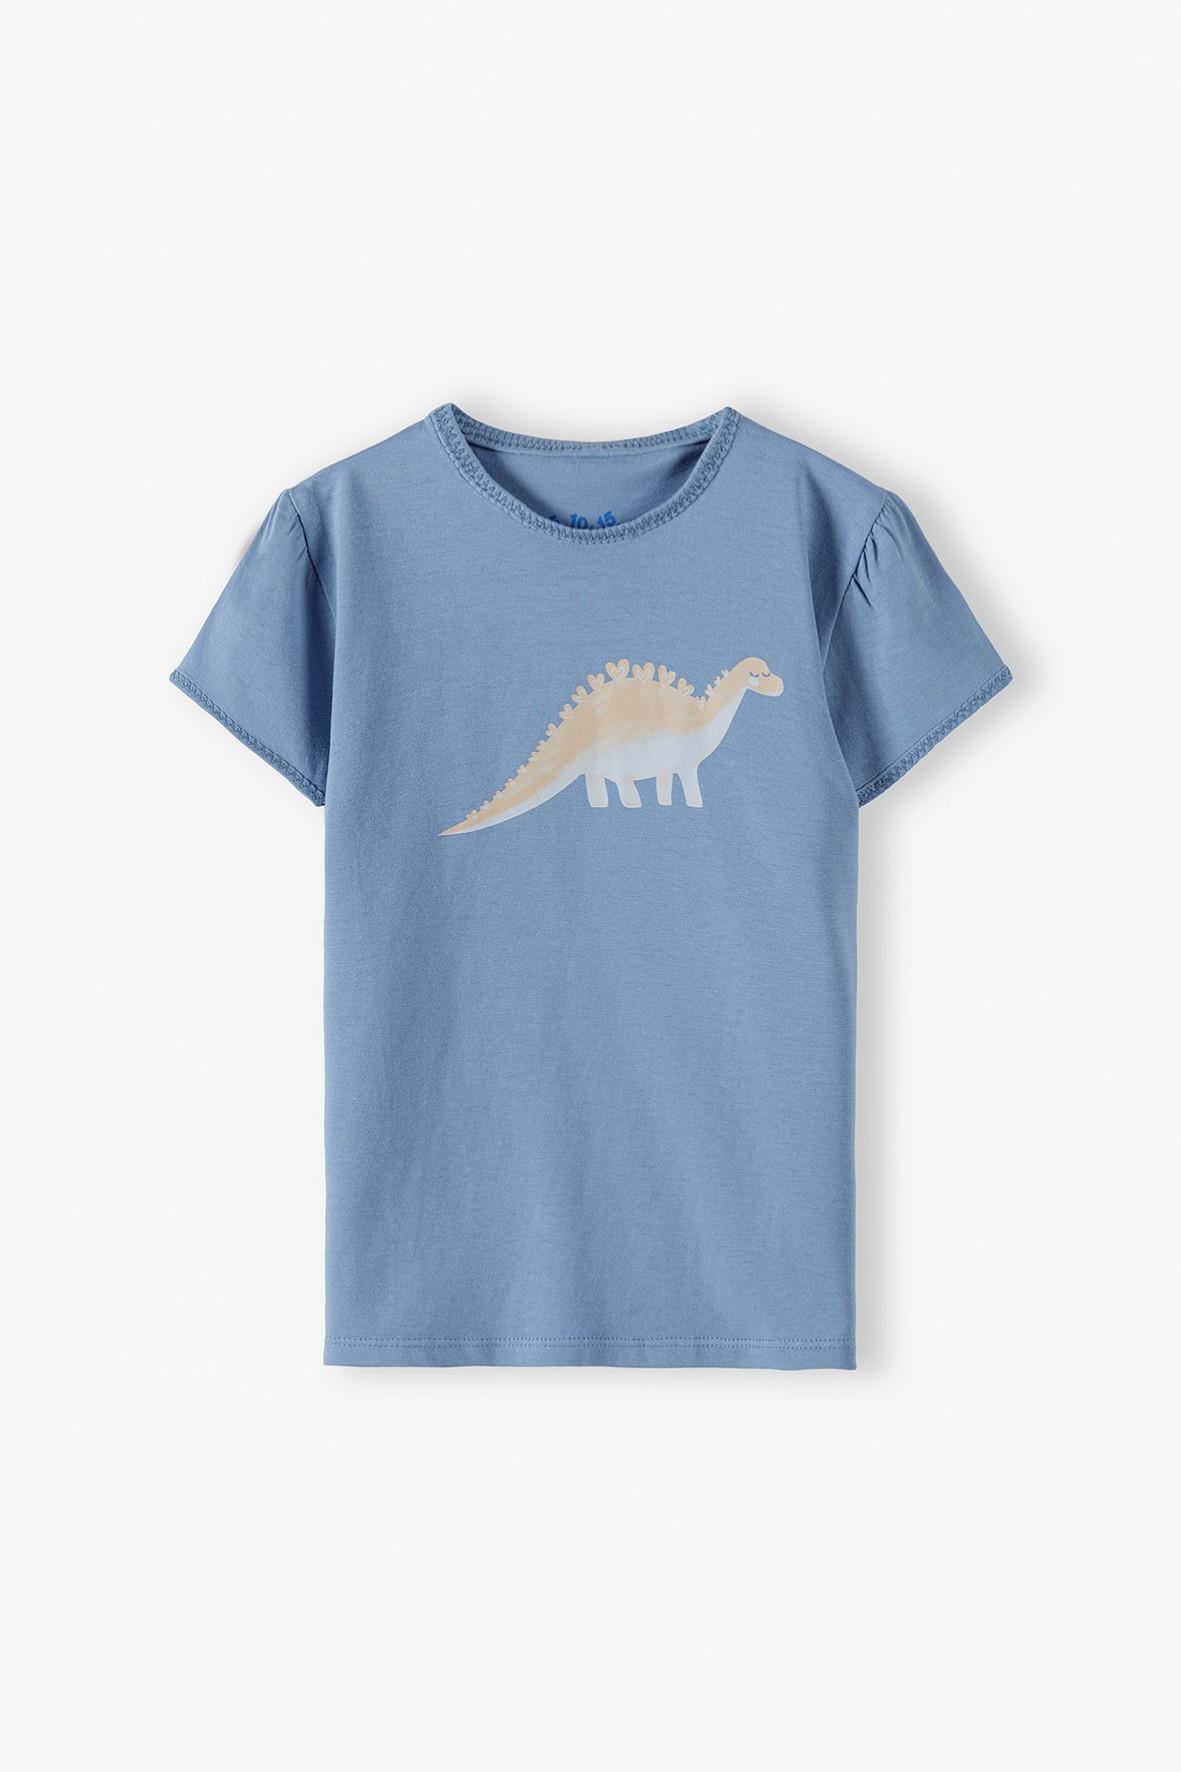 Bawełniany niebieski t-shirt dziewczęcy z dinozaurem